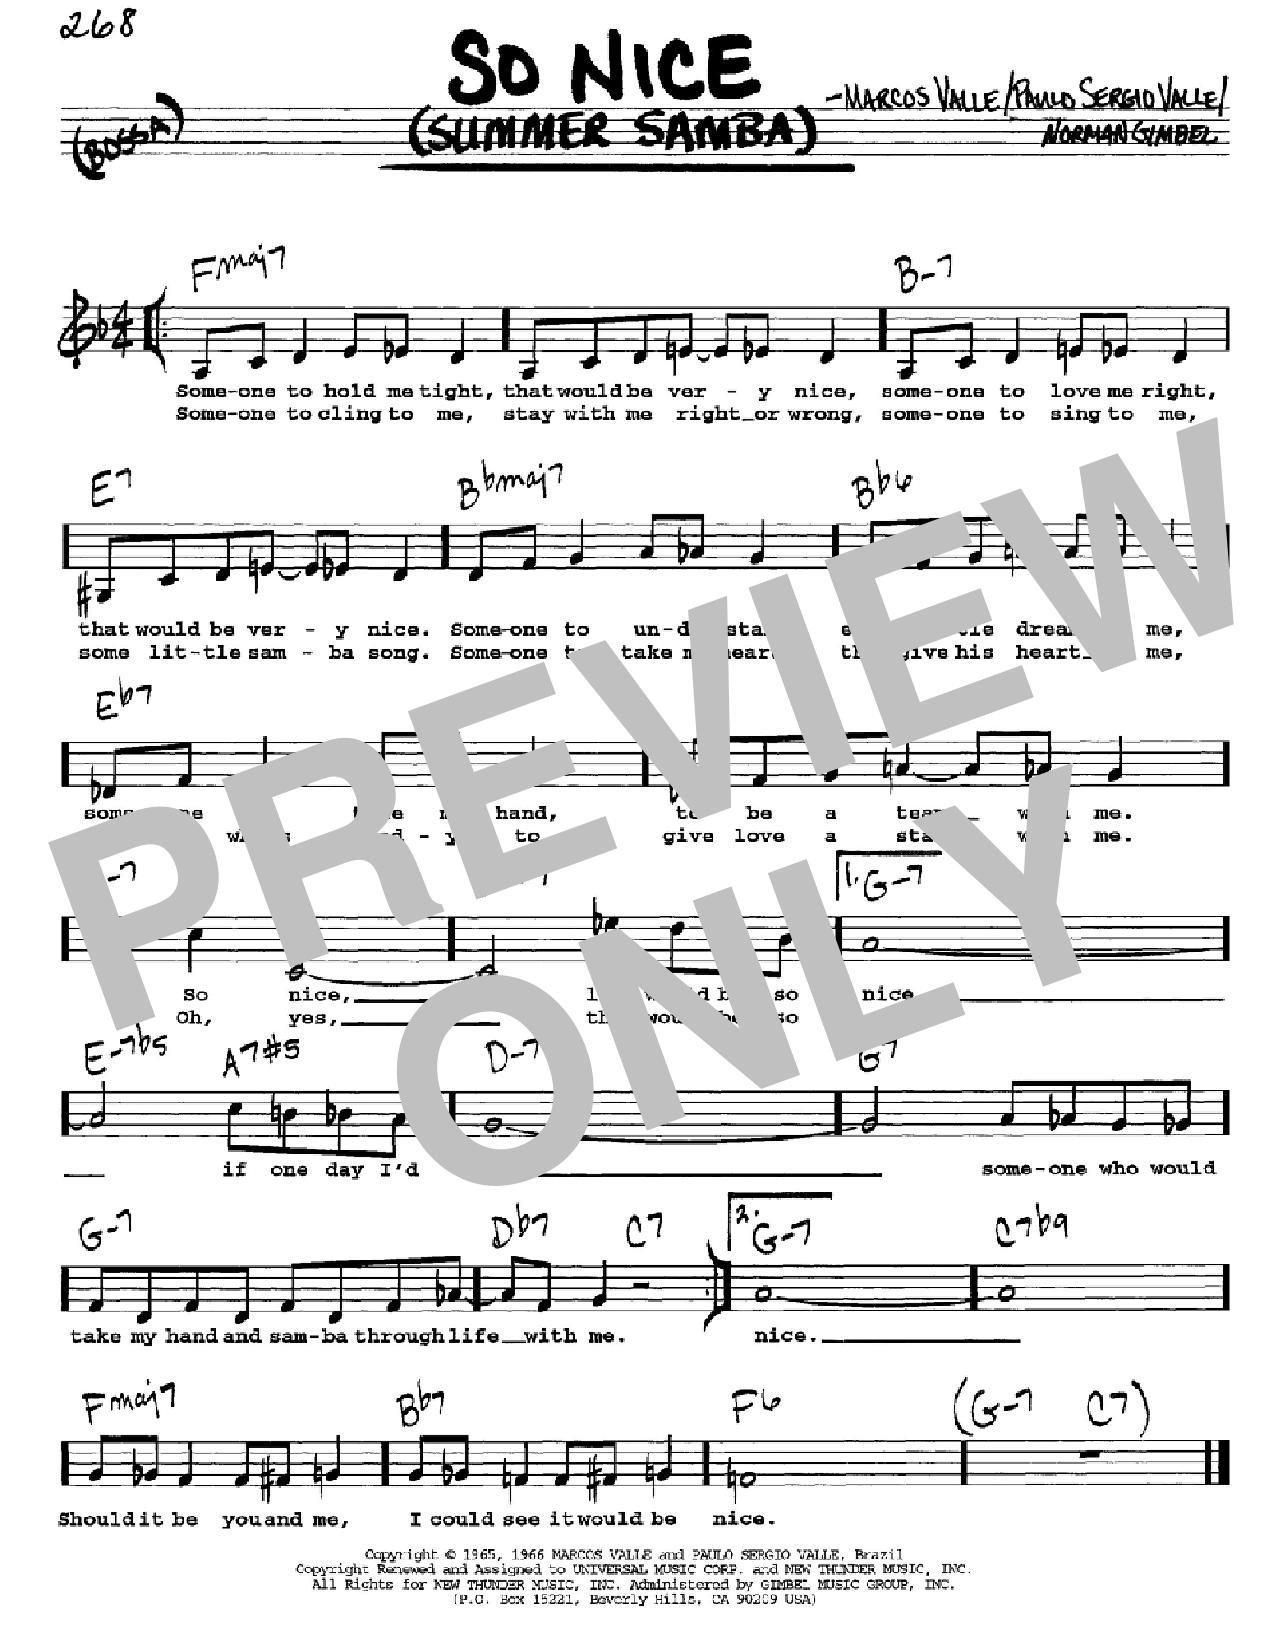 Partition autre So Nice (Summer Samba) de Norman Gimbel - Real Book, Melodie, Paroles et Accords, Inst. En Do